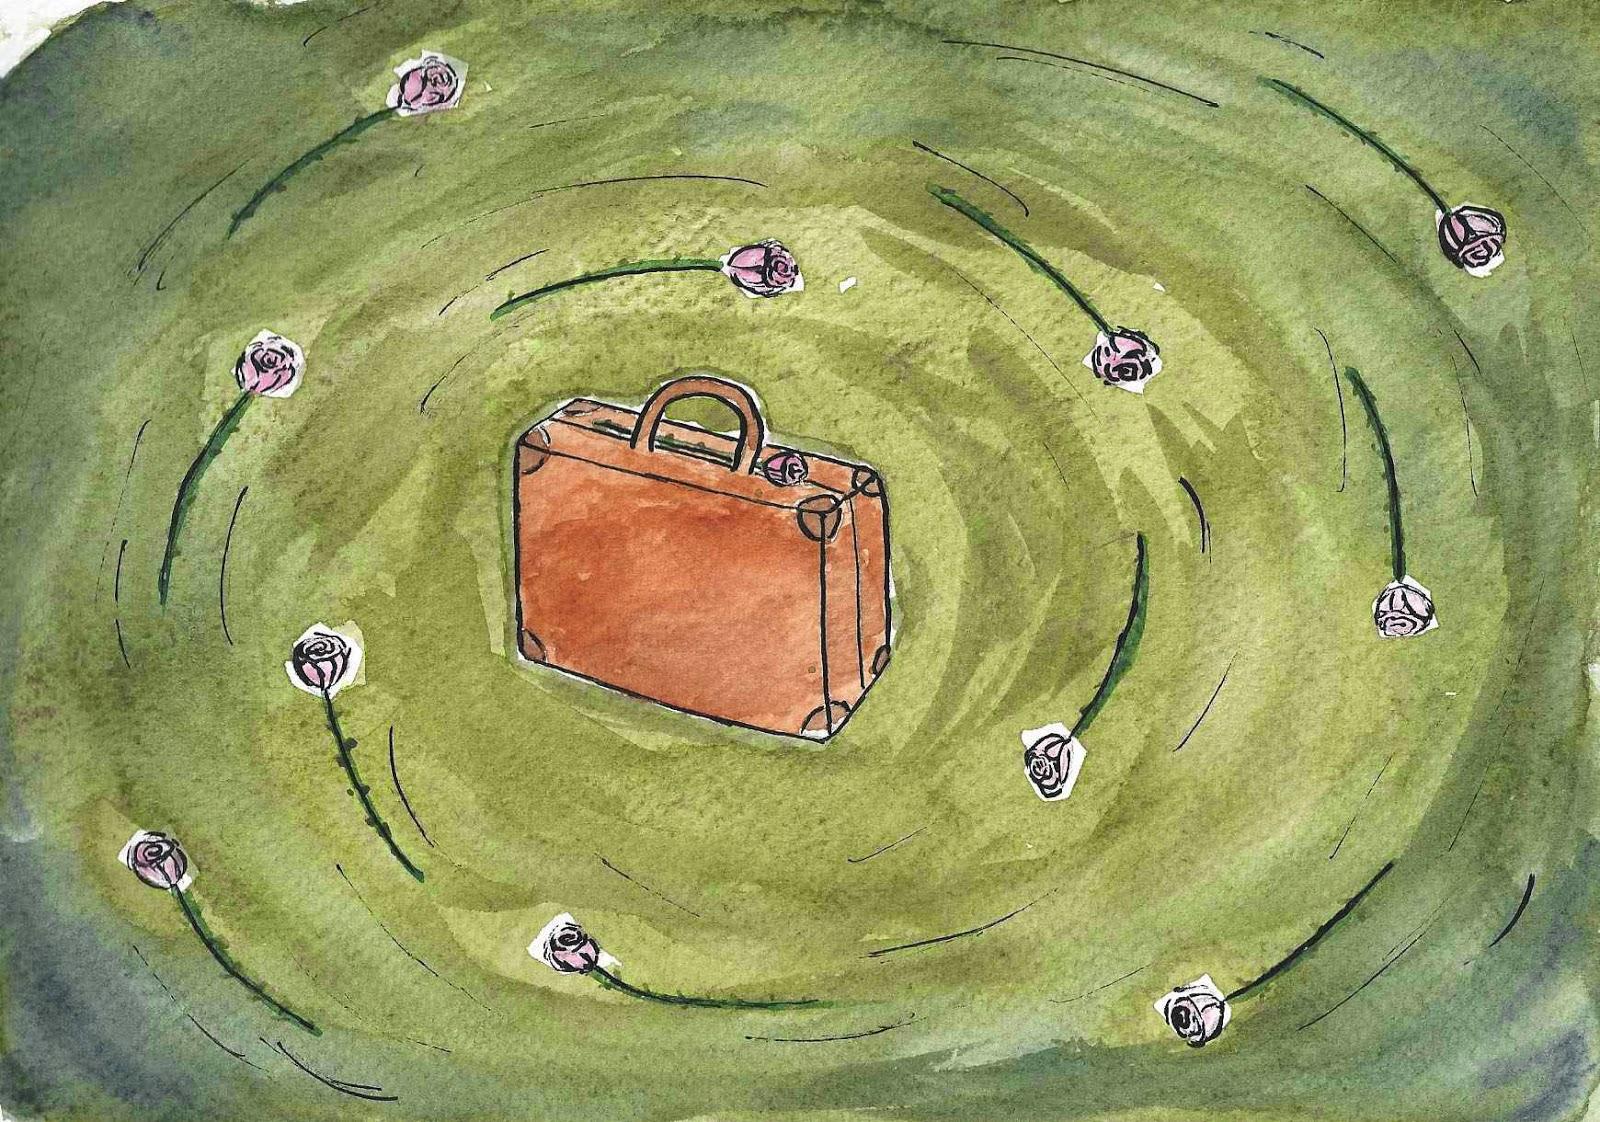 des roses et des valises dans un tourbillon prêt pour le voyage